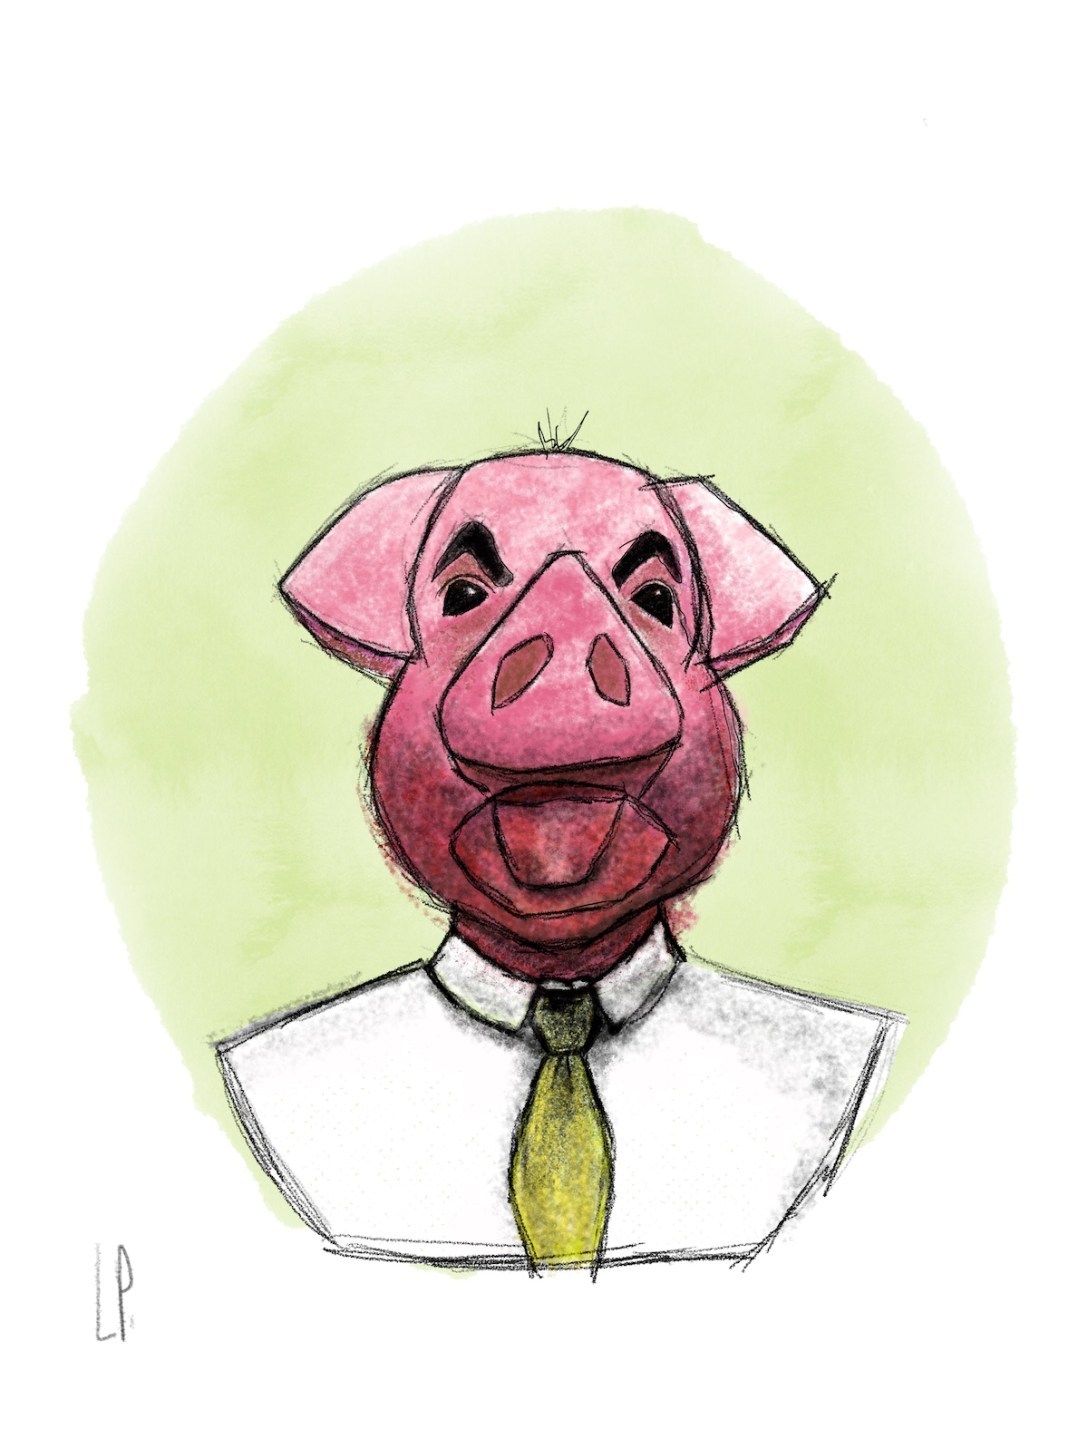 Monsieur Grognon a une tête de cochon /Luc Pallegoix, 2020.